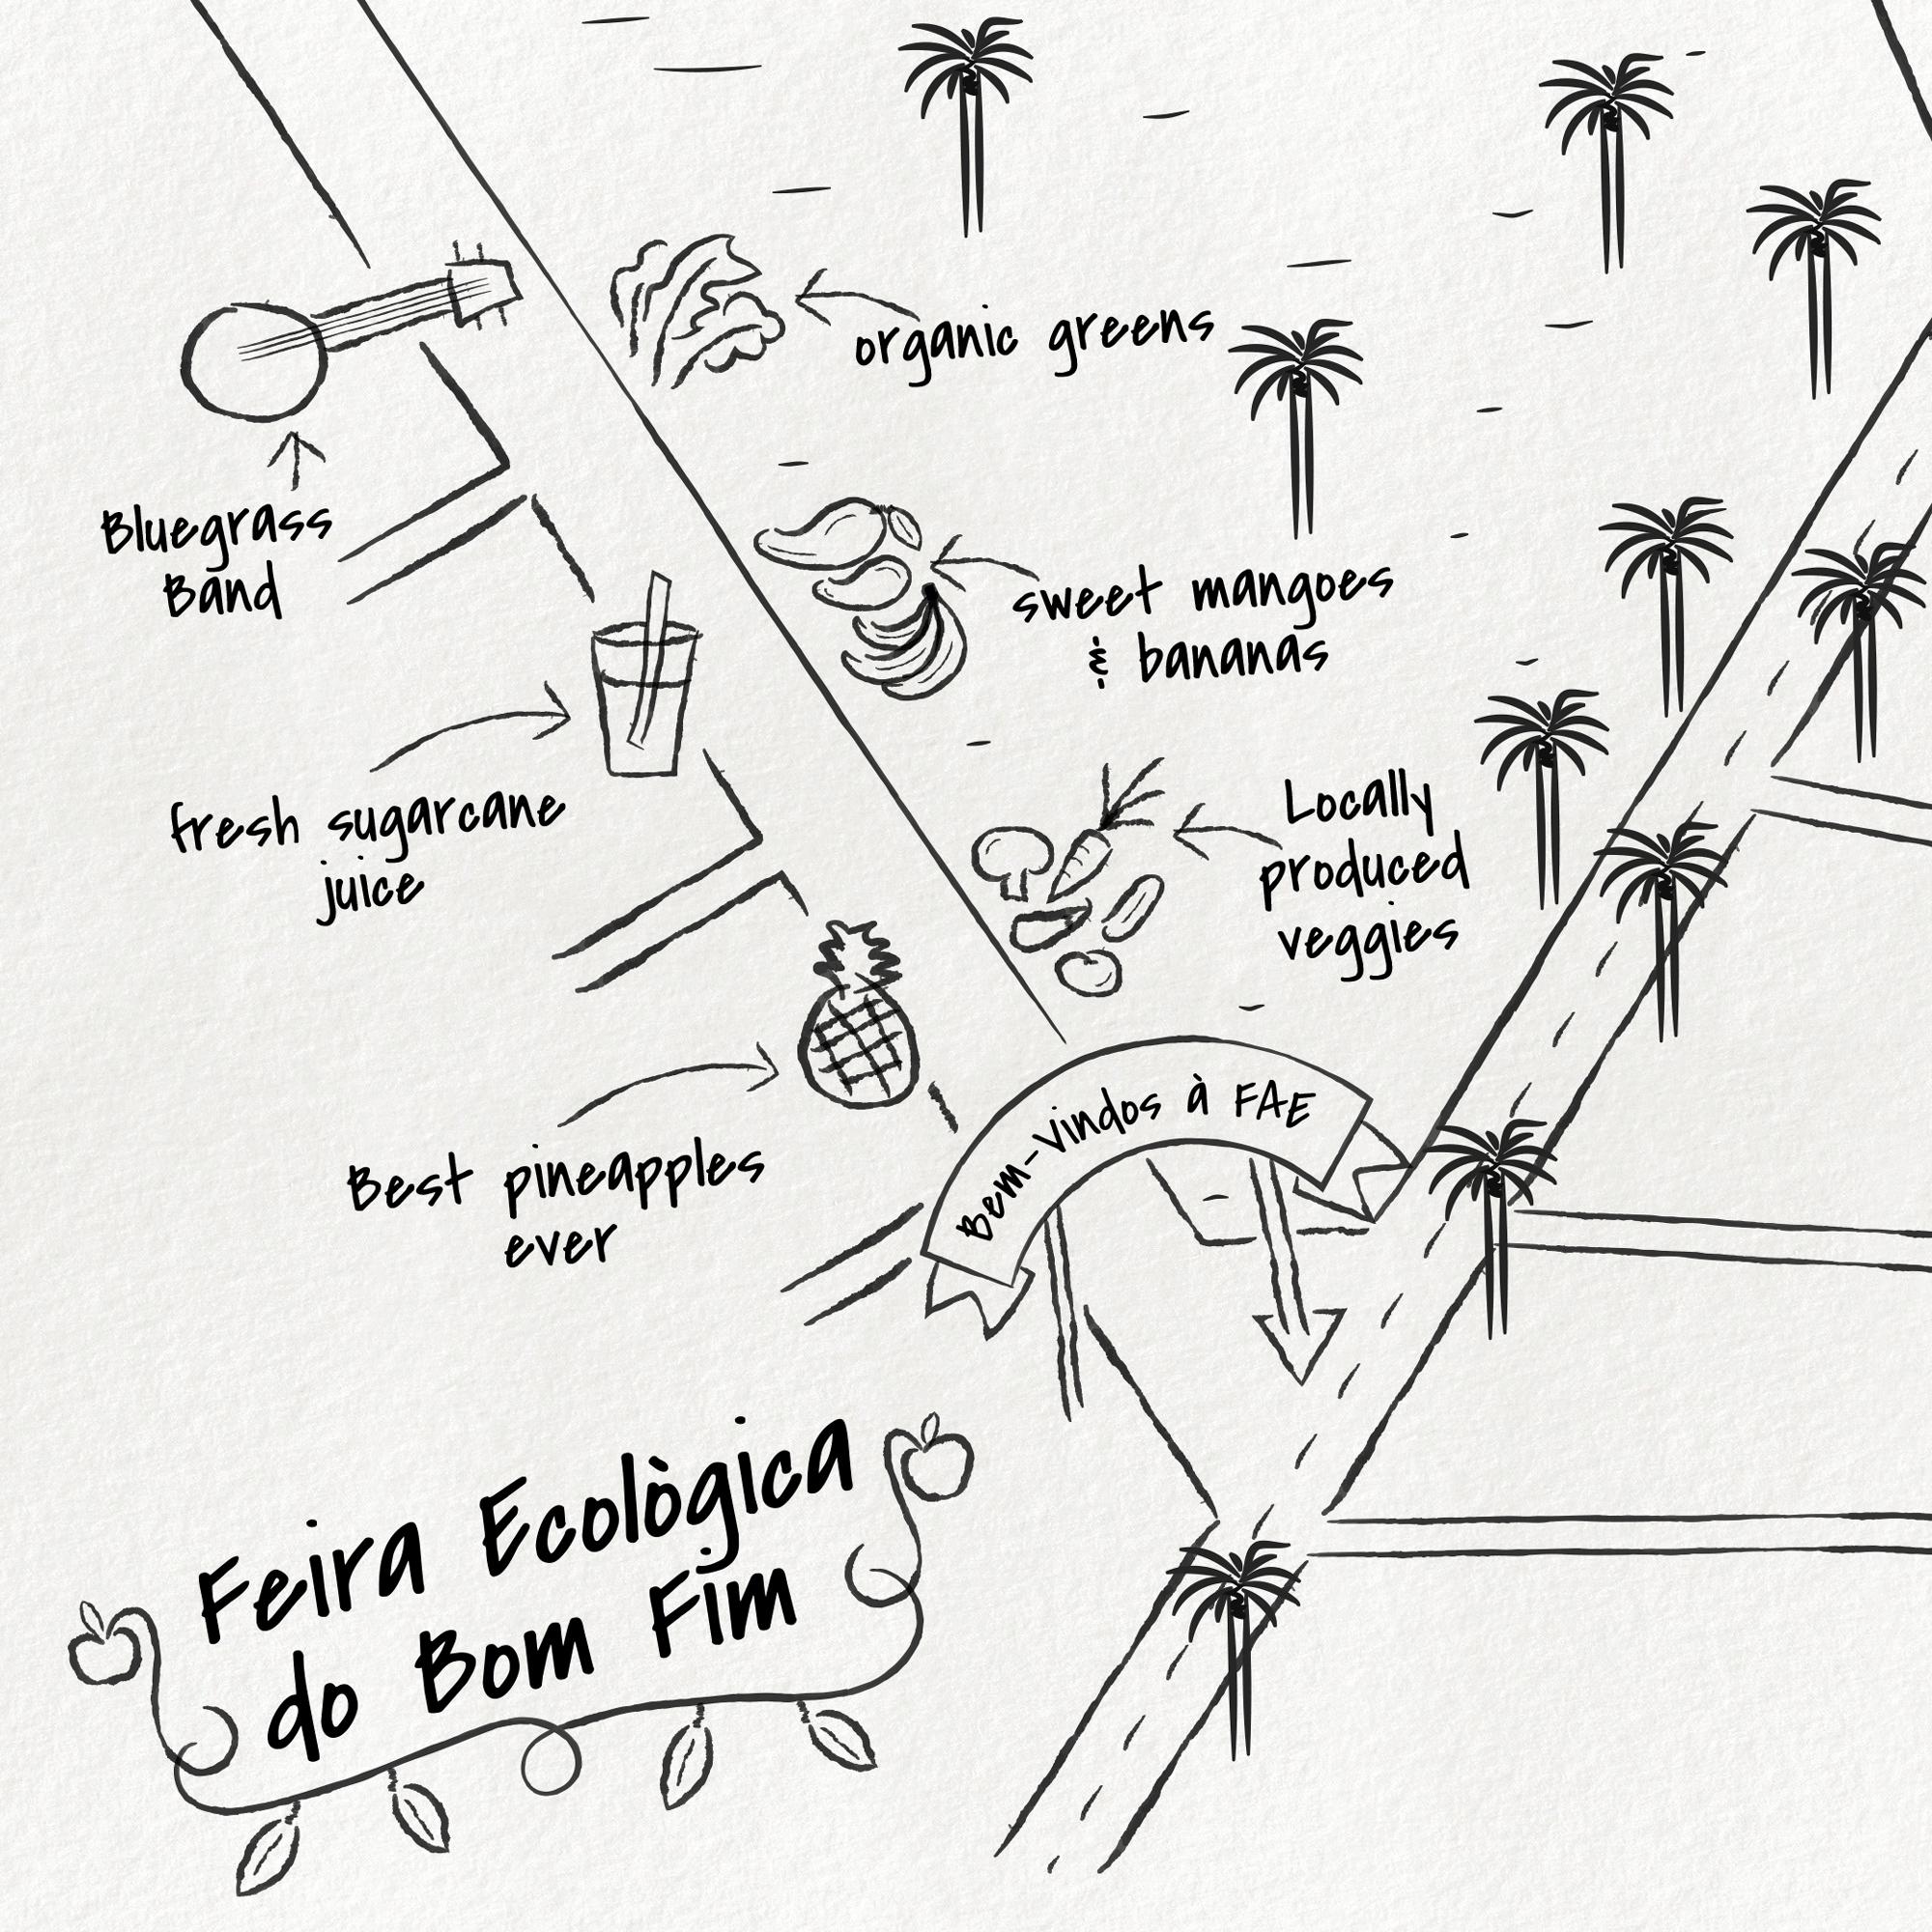 Illustrated map of Feira Ecologica de Bom Fim in Porto Alegre